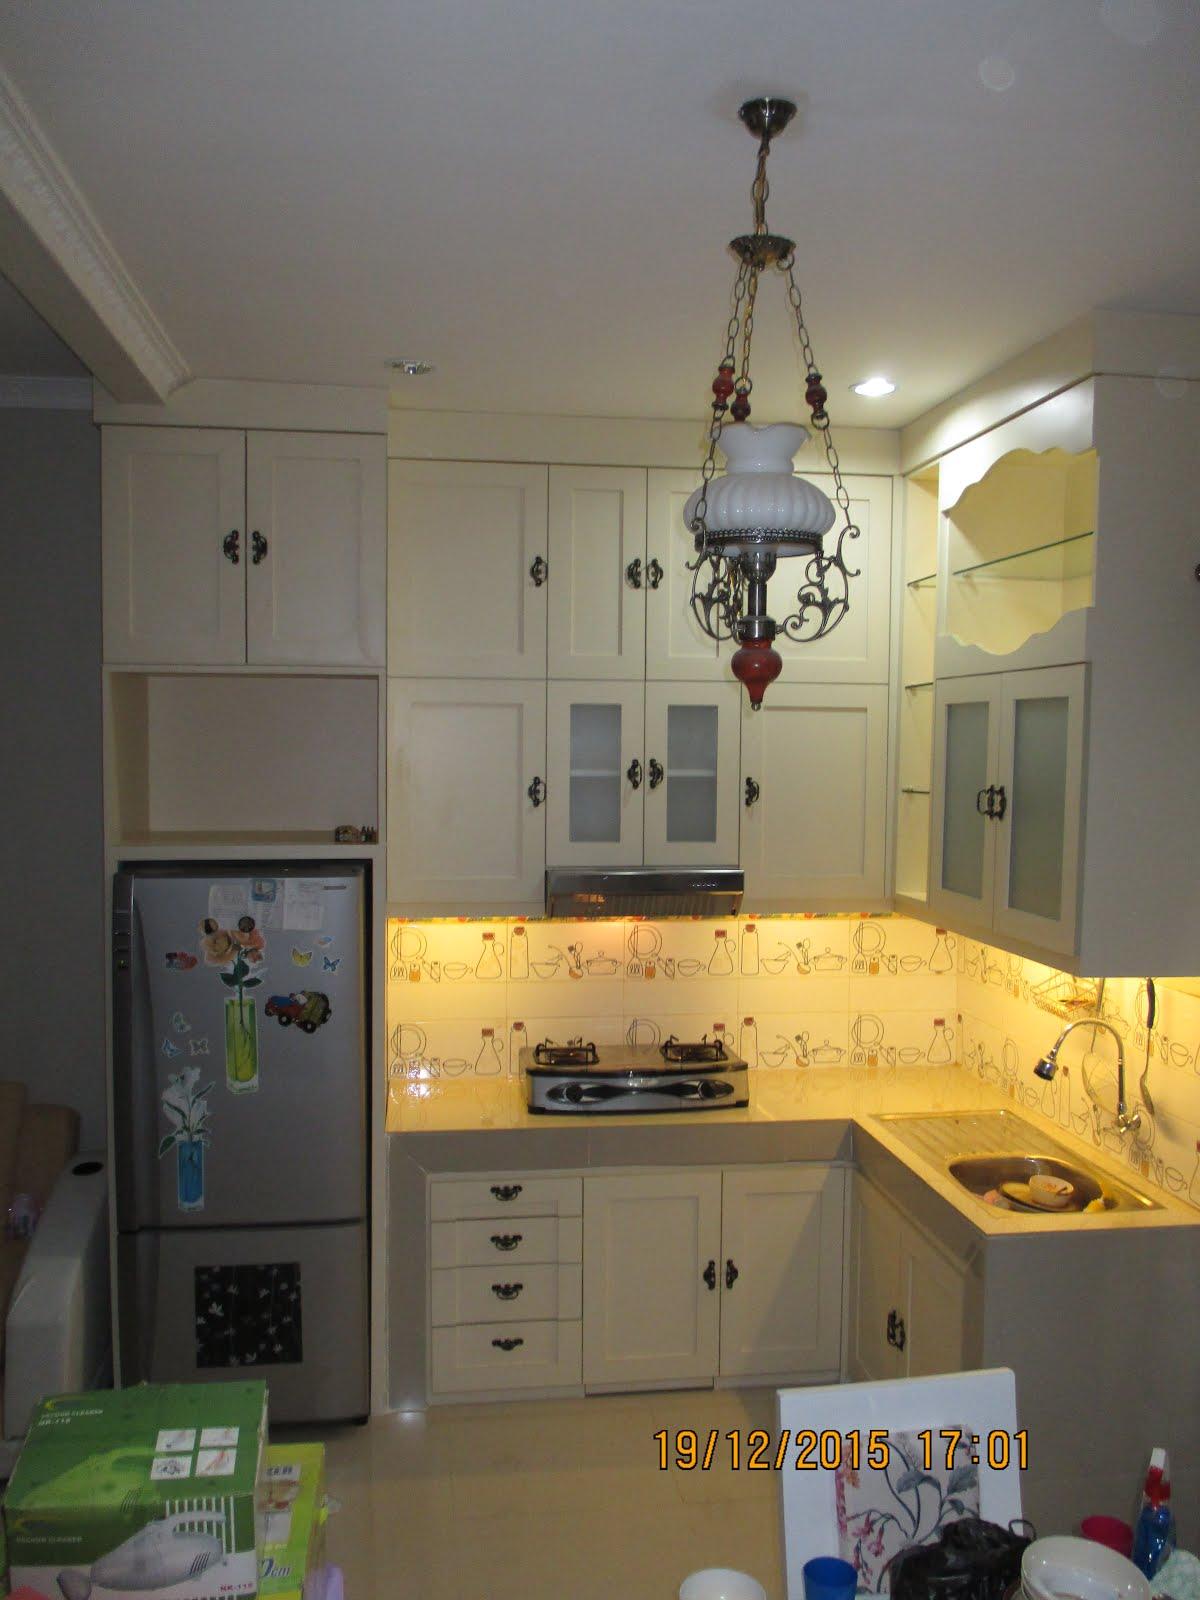 Kitchen set minimalis mas Iryan Dahuri at Depok